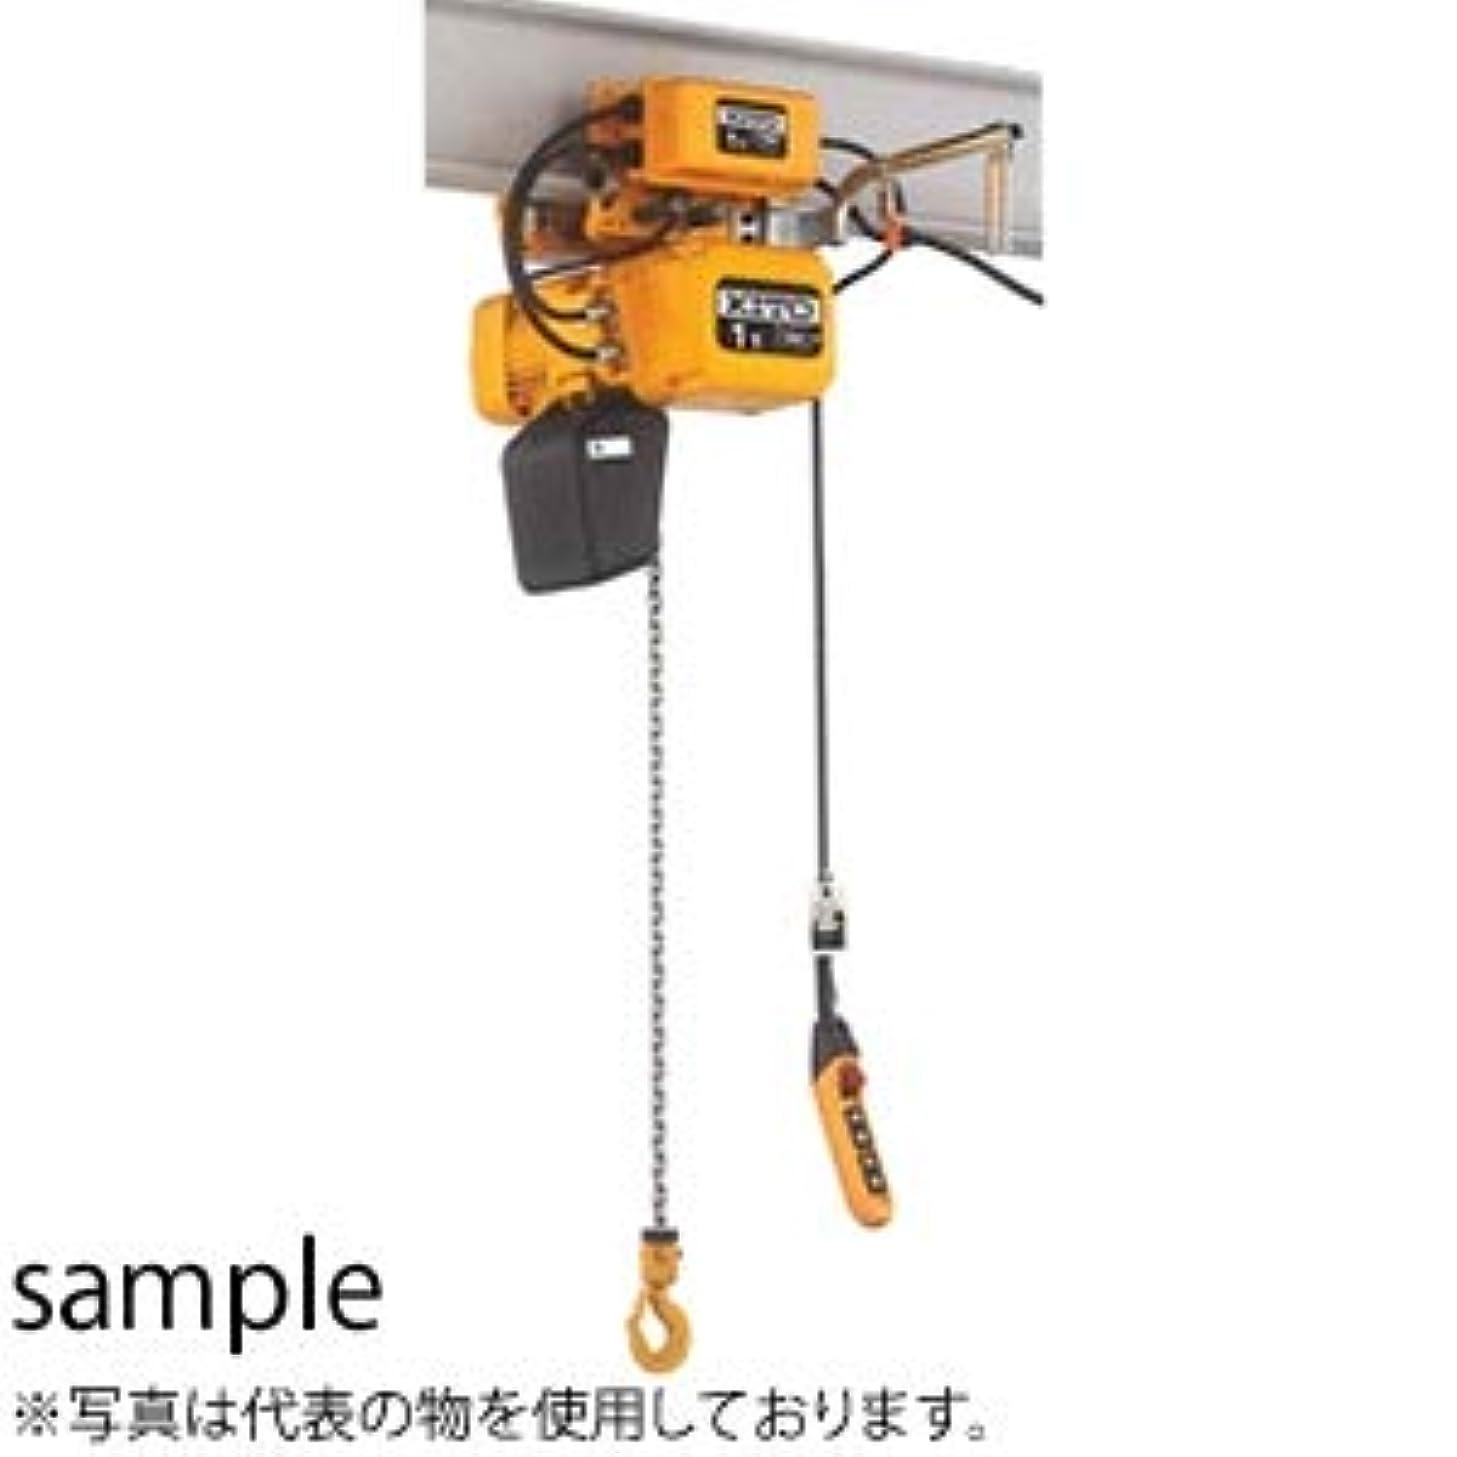 生理伝染性粗いキトー エクセルER2M 1速形 ER2M030S-S (3t 揚程6M)